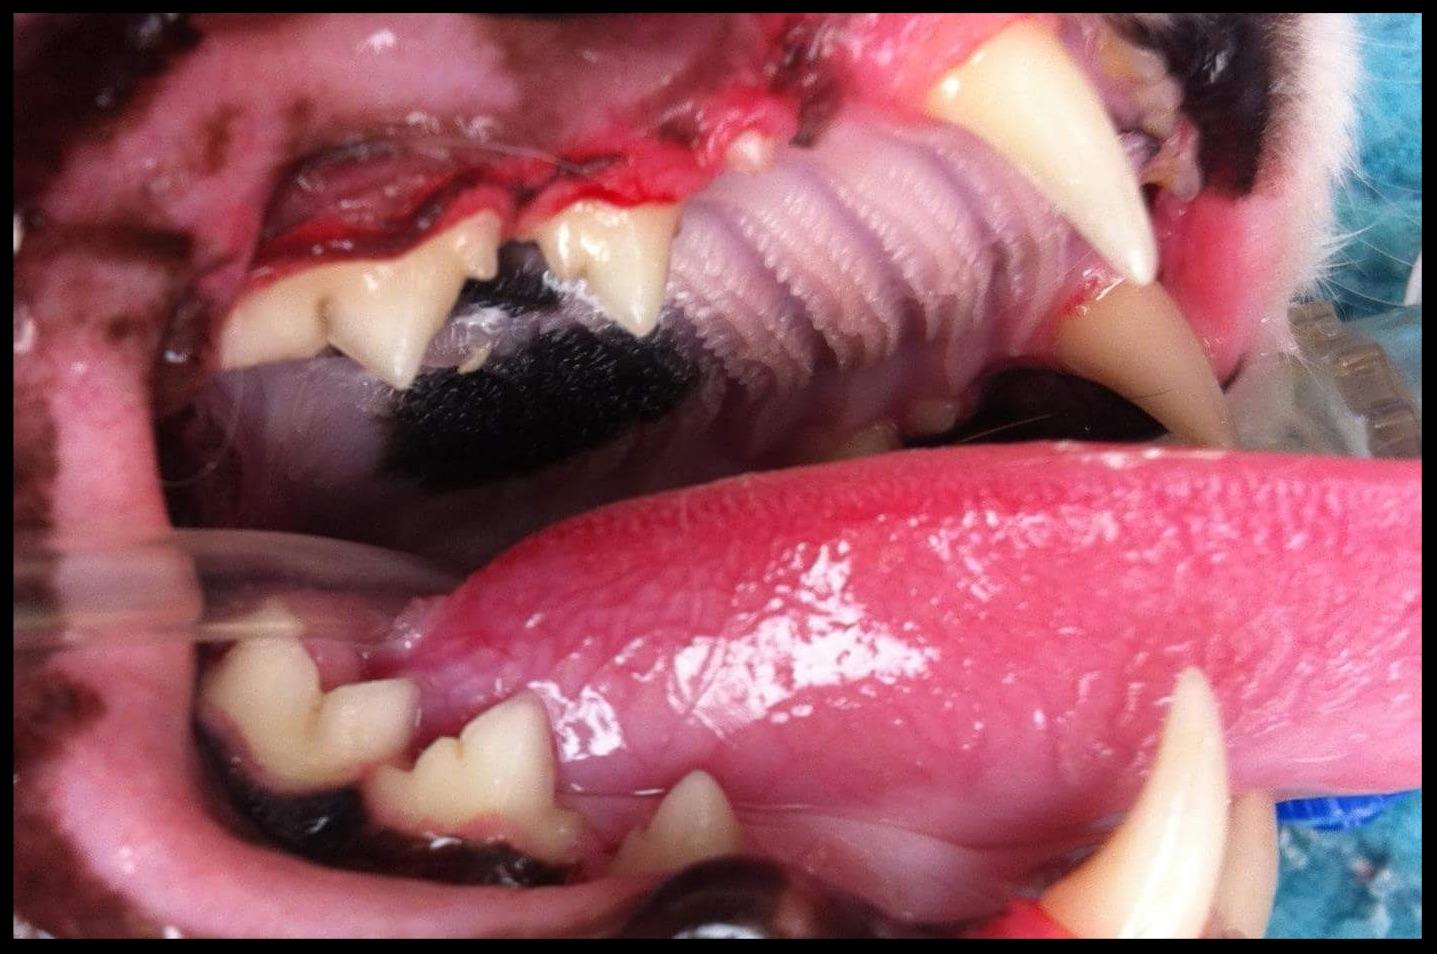 After Dental